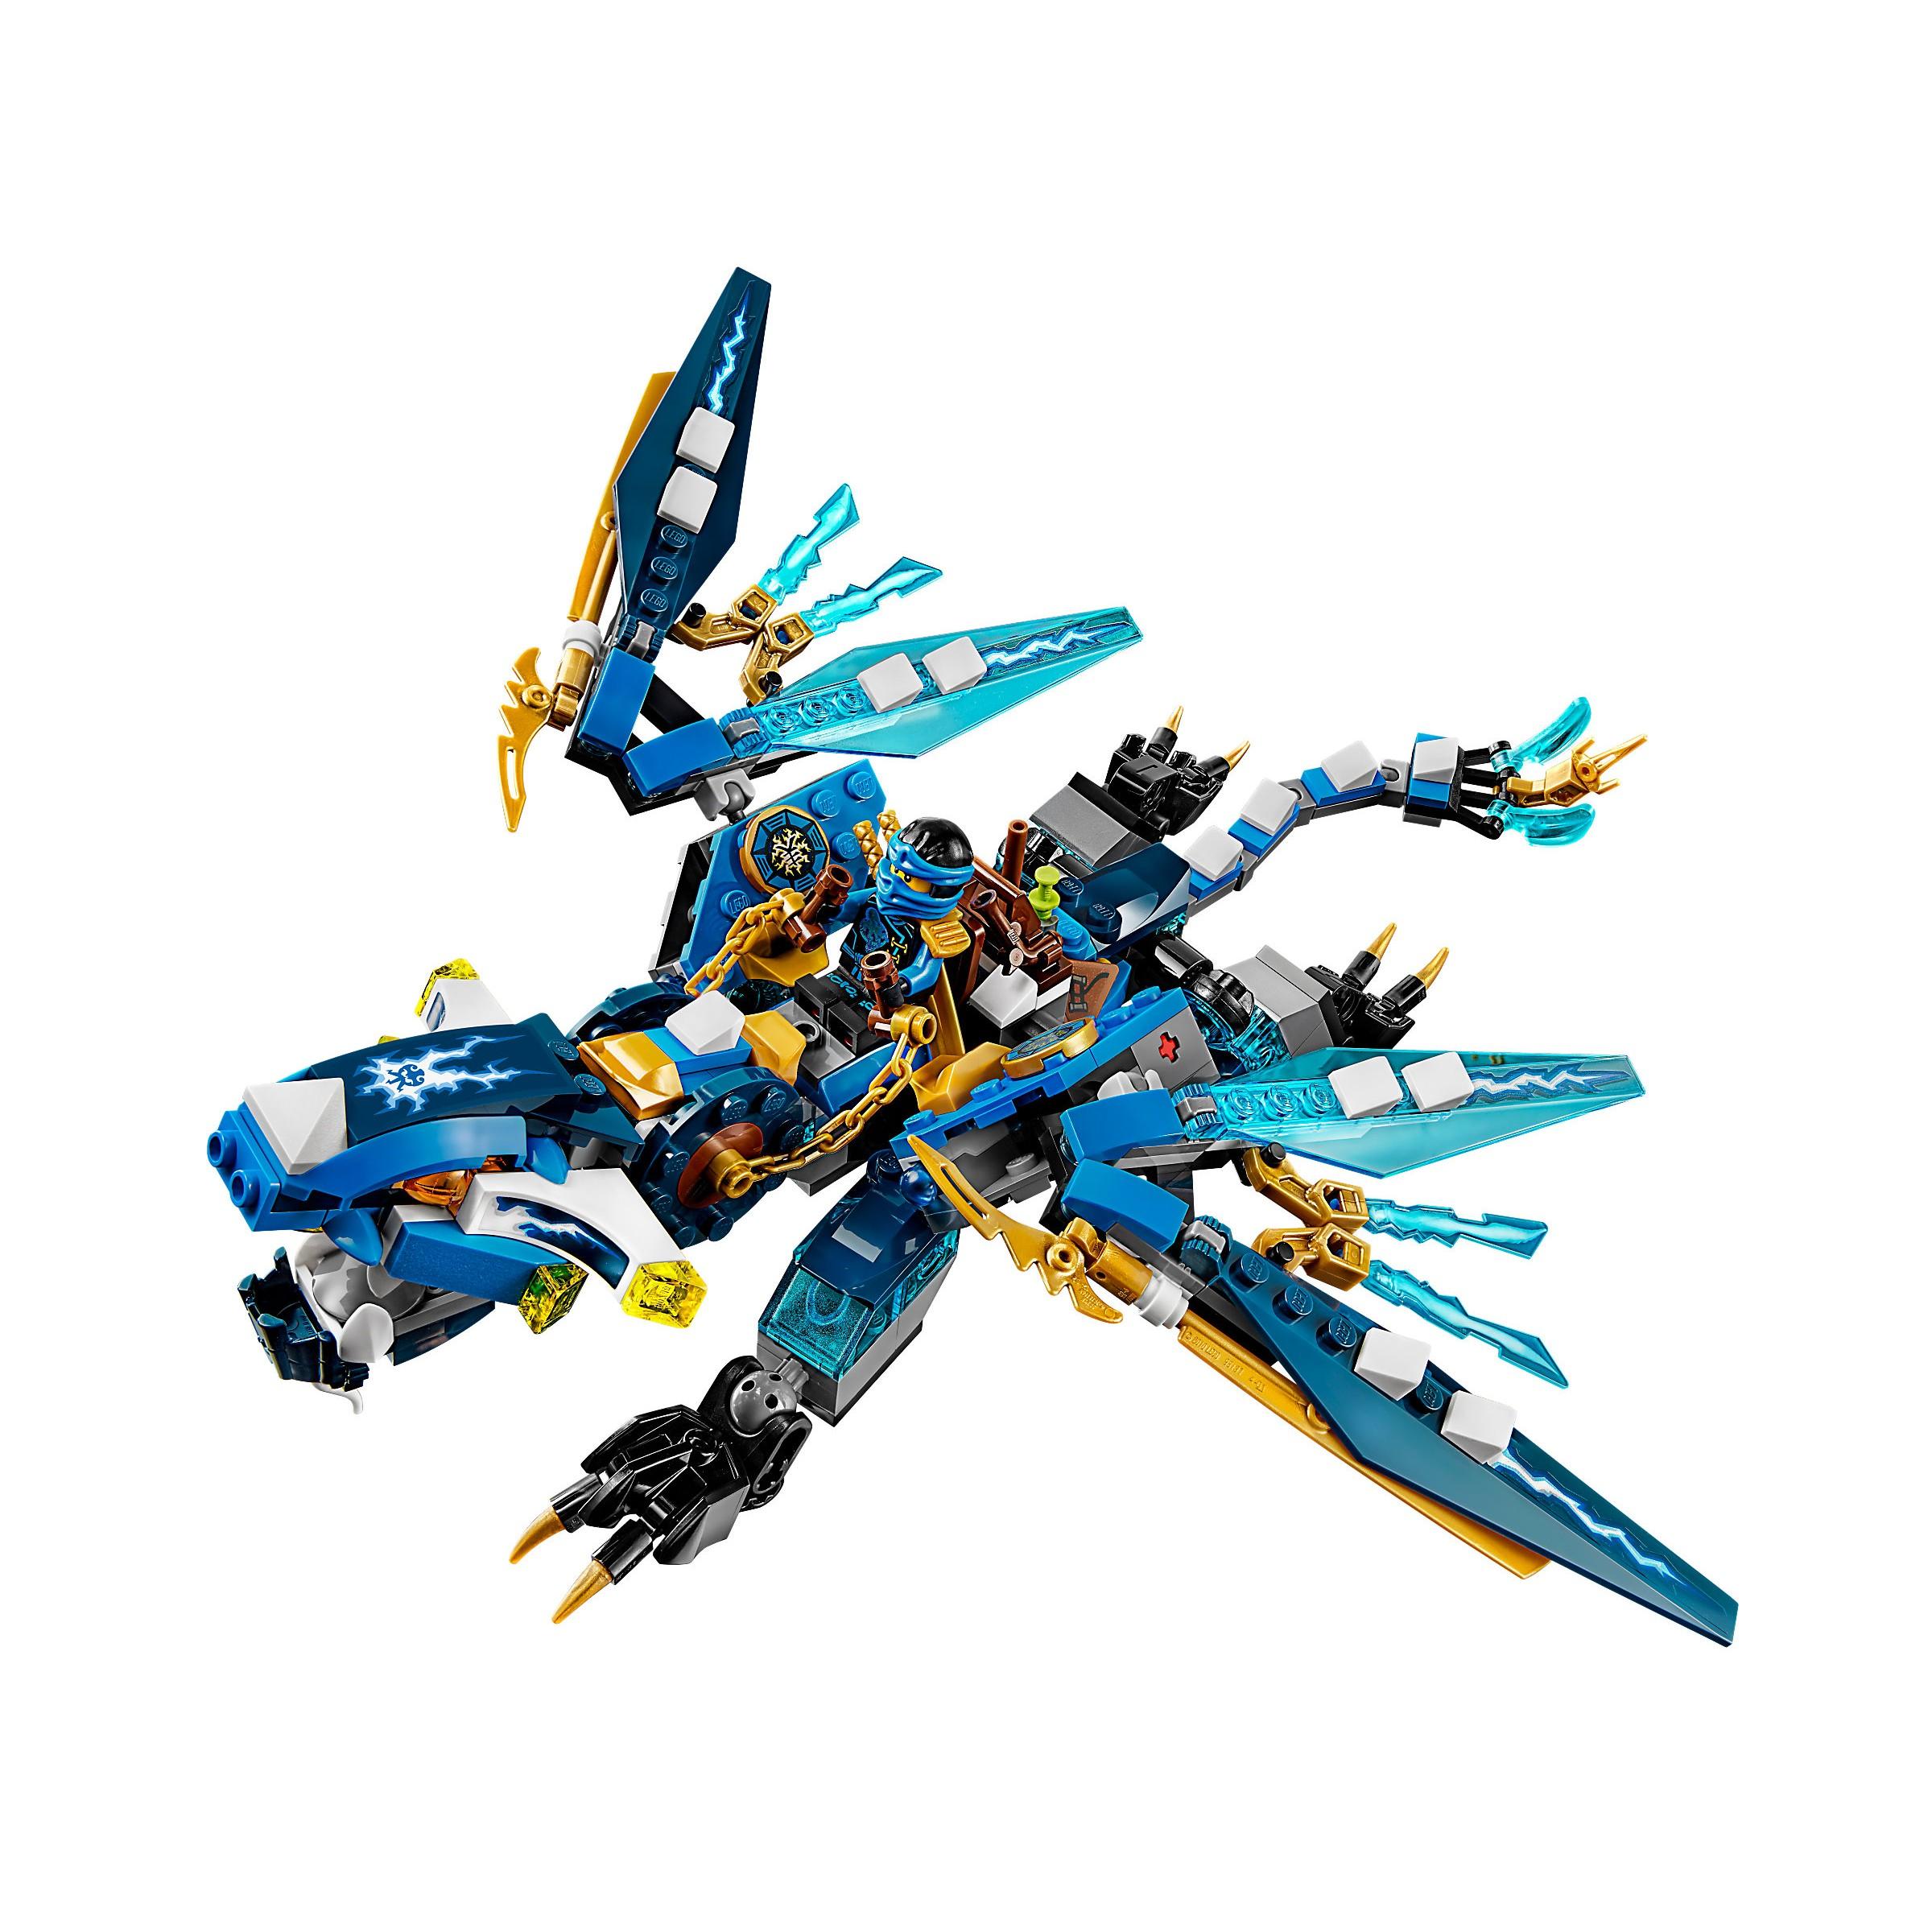 Lego 70602 Ninjago Jay S Elemental Dragon At Hobby Warehouse